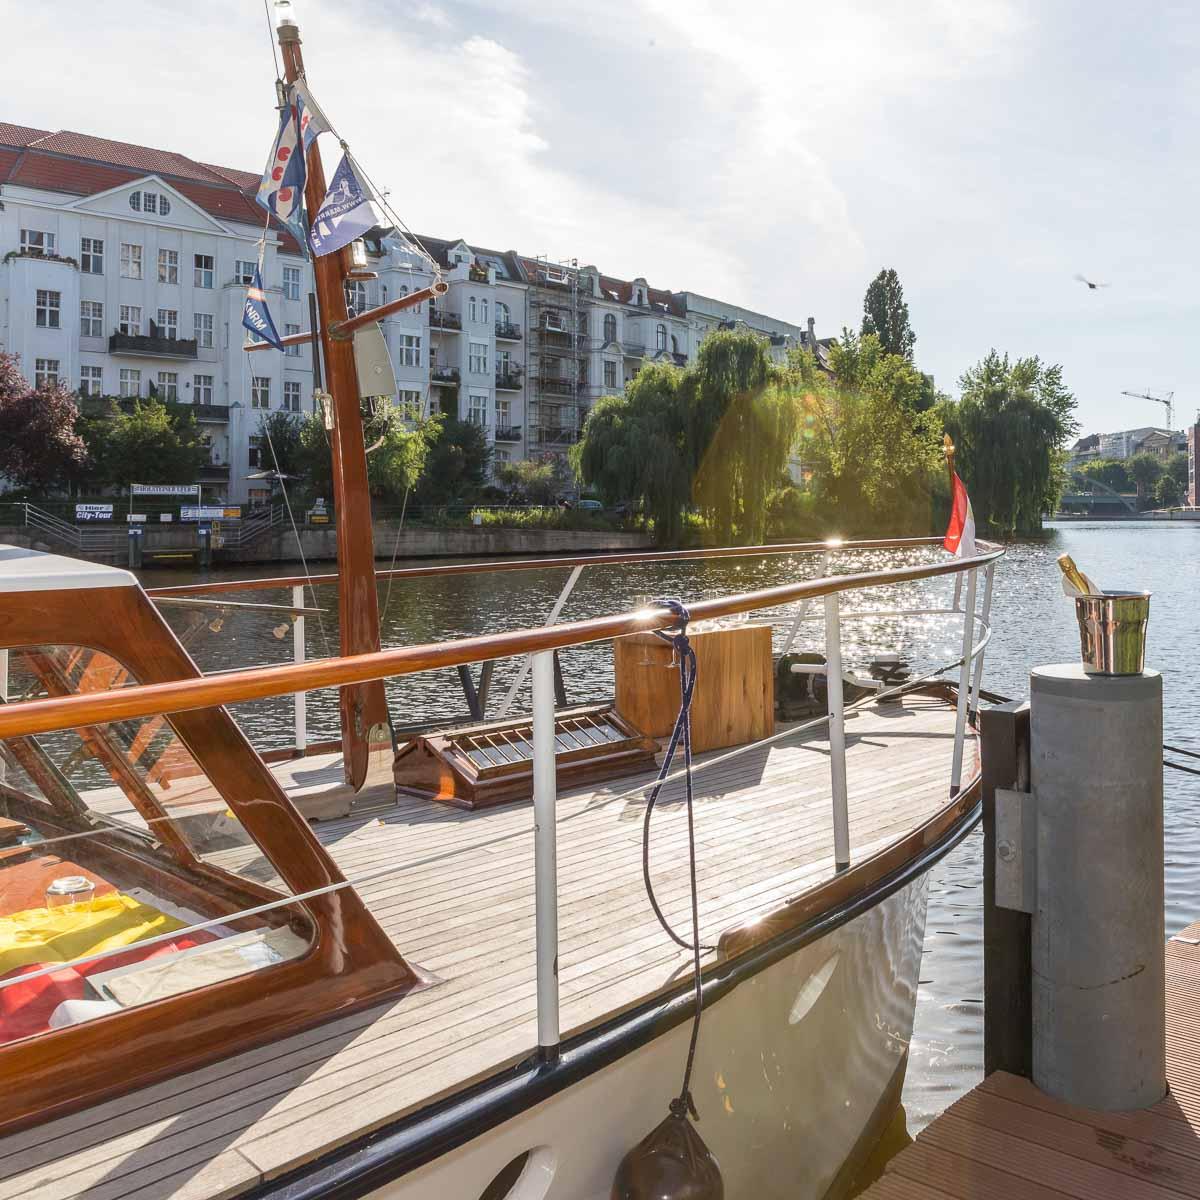 Riethoen Exklusive Bootstouren auf der Spree-1